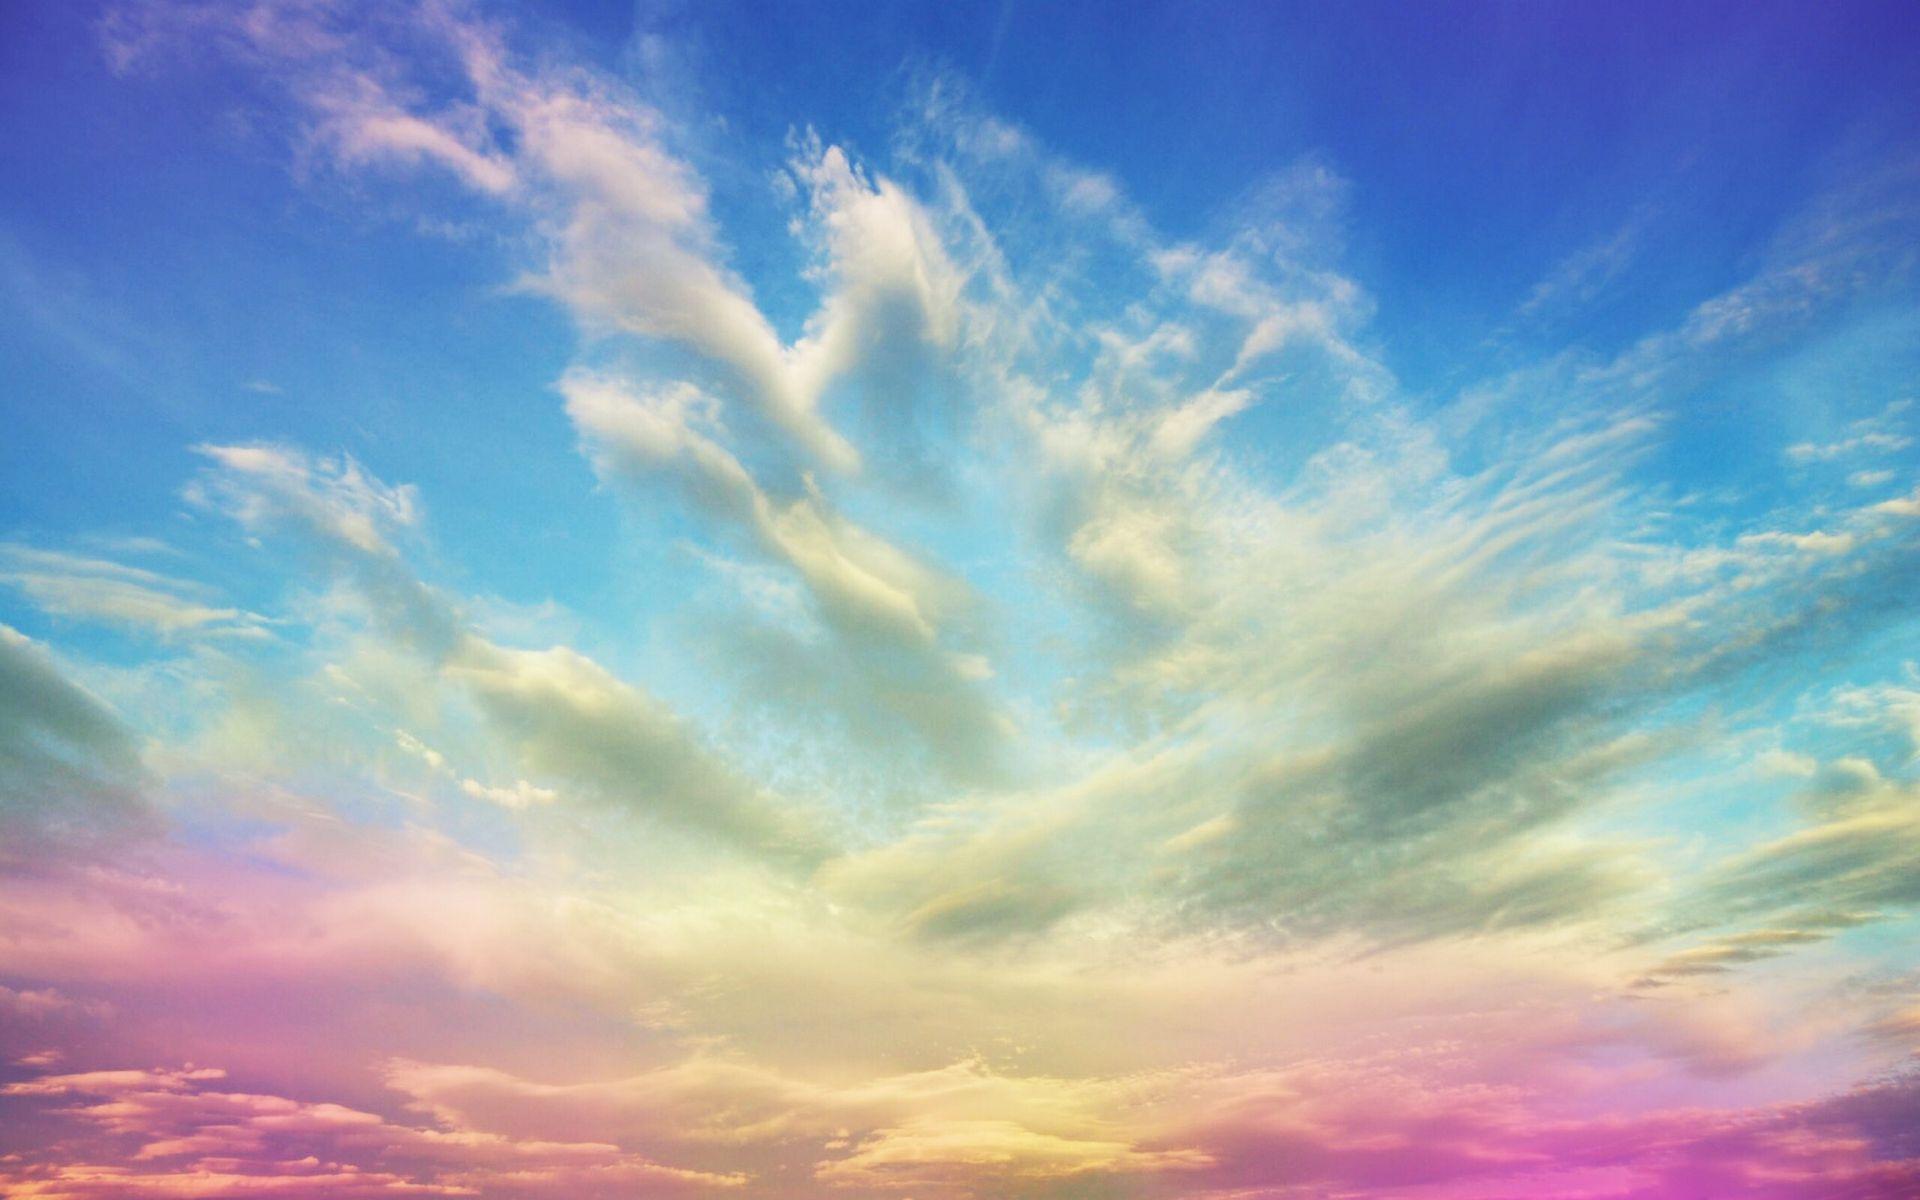 Ảnh mây ngũ sắc